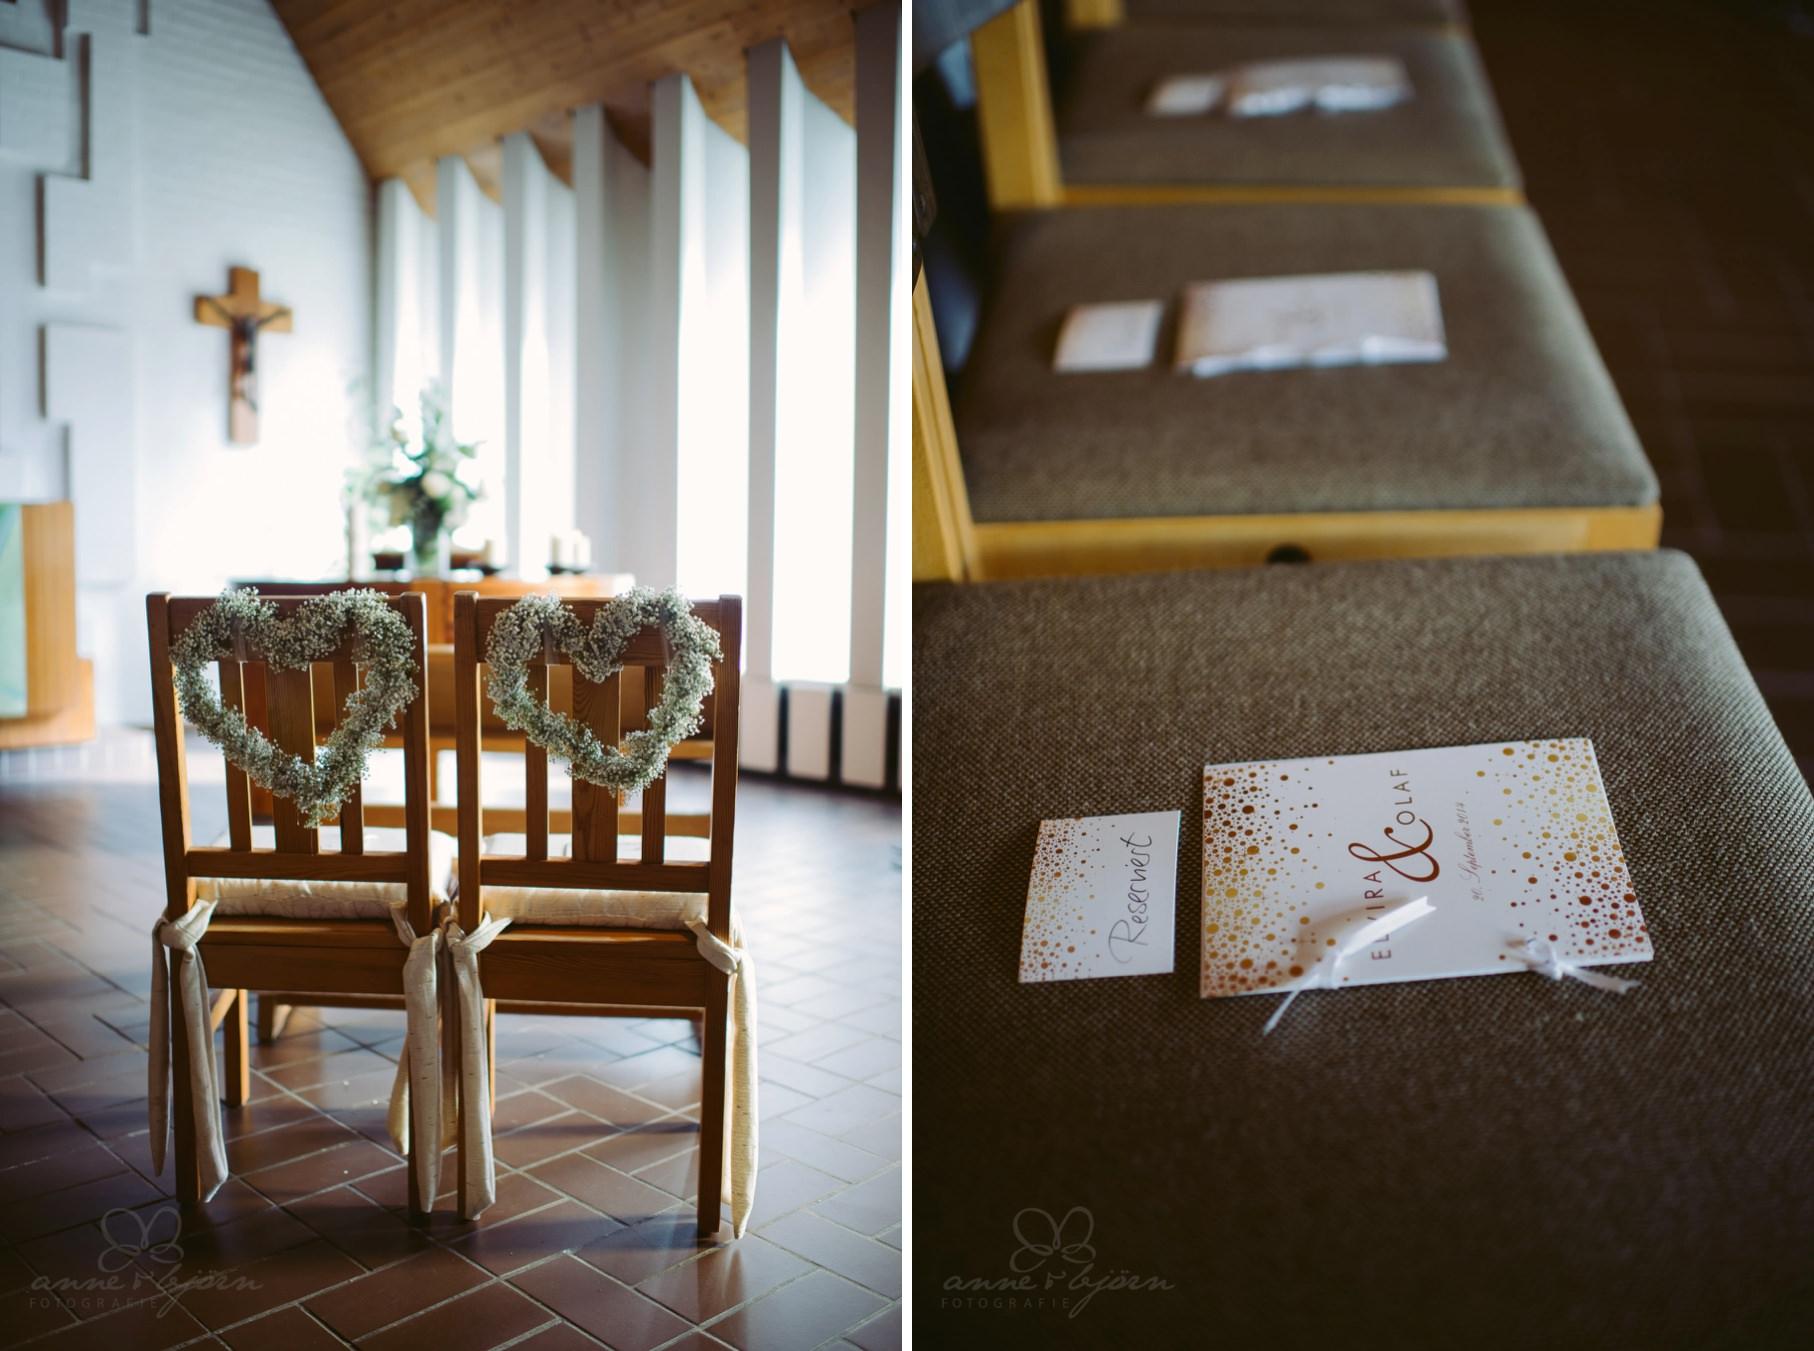 0015 euo 812 0060 - Hochzeit im Schloss Reinbek - Elvira & Olaf